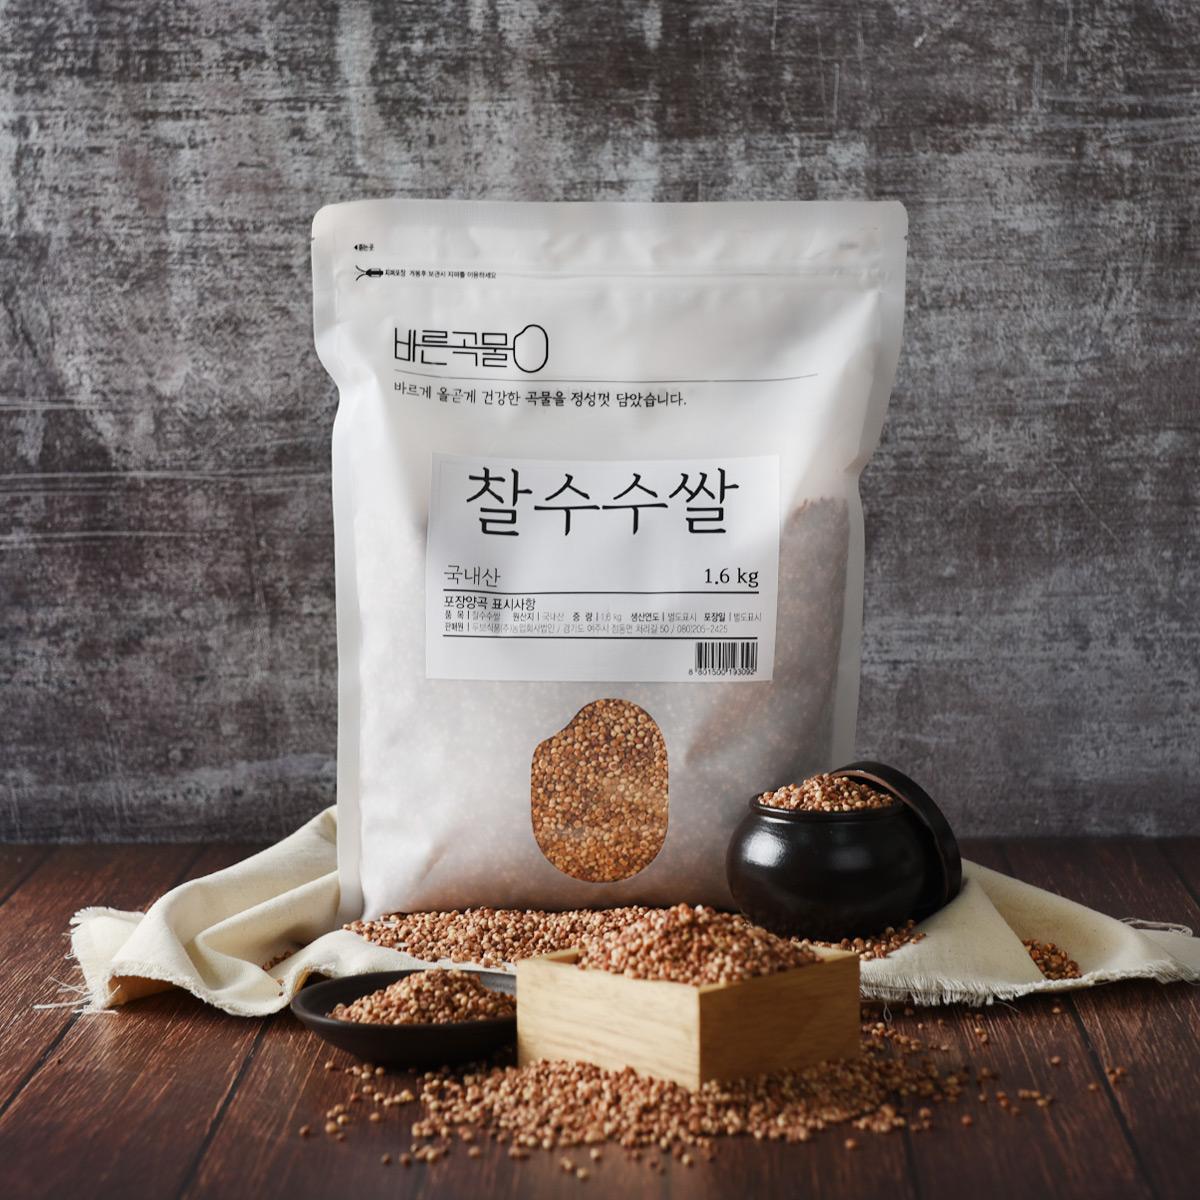 바른곡물 찰수수쌀, 1.6kg, 1개